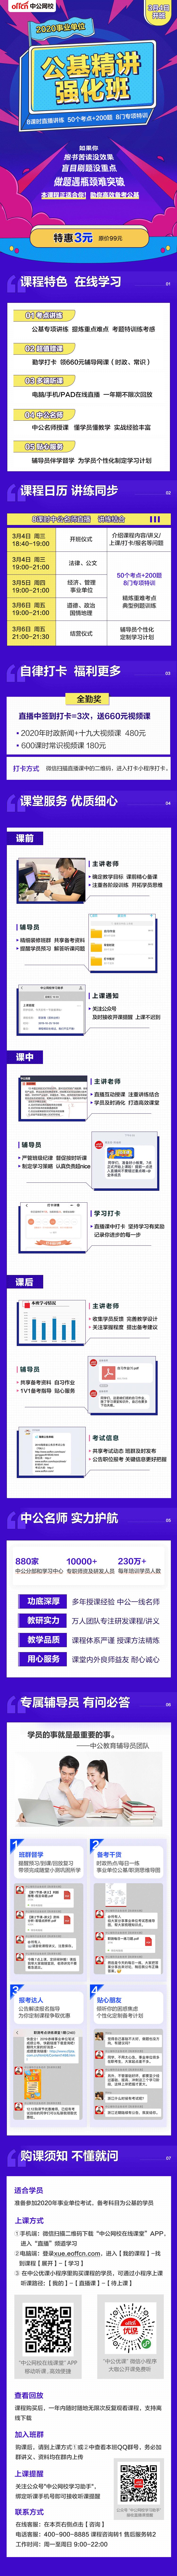 【通用】2020事业单位-公精讲强化班.png